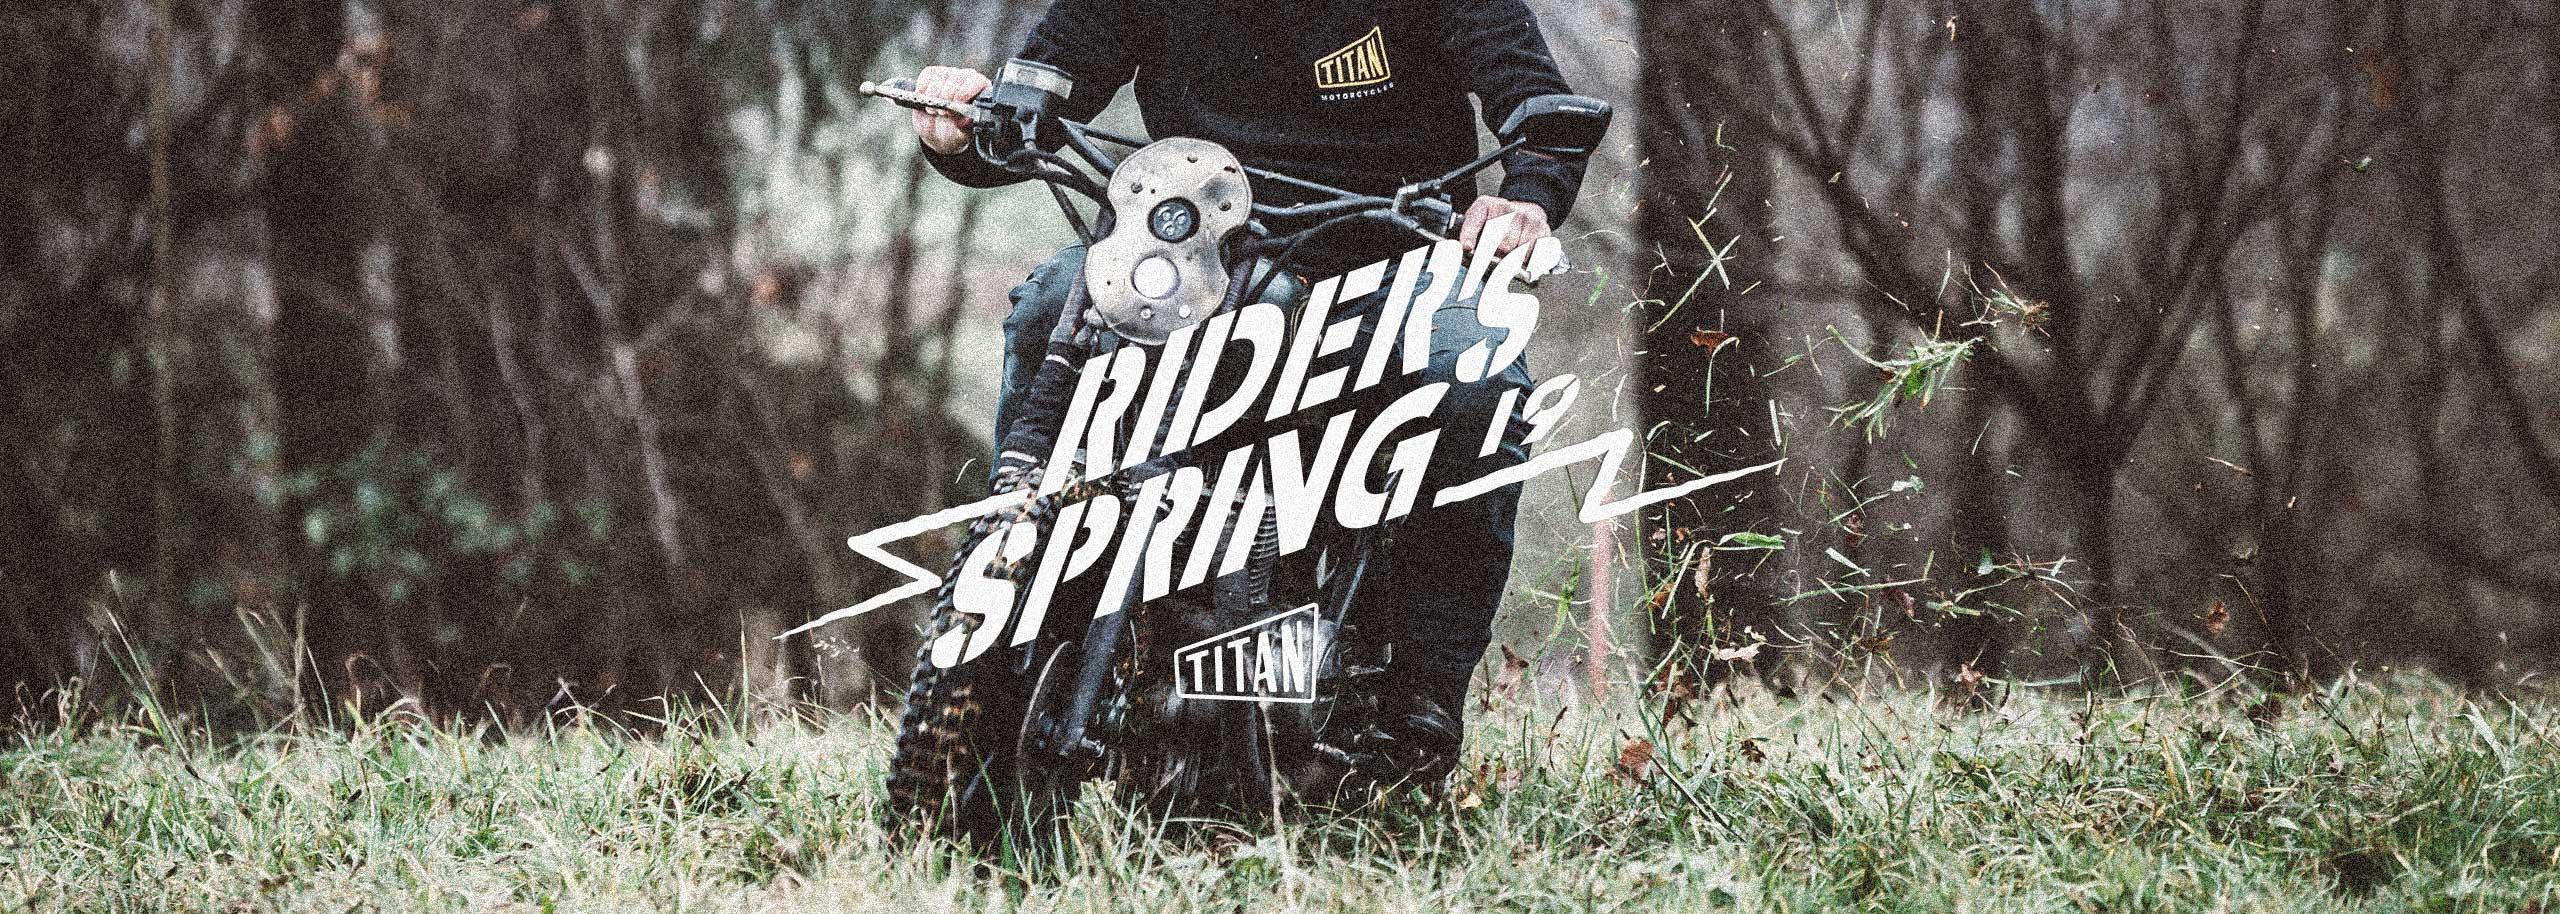 TITAN-Motorcycles-Cafe-Racer-Graz-Styria_Events-Riders-Spring-Motorradfahren-in-der-Steiermark